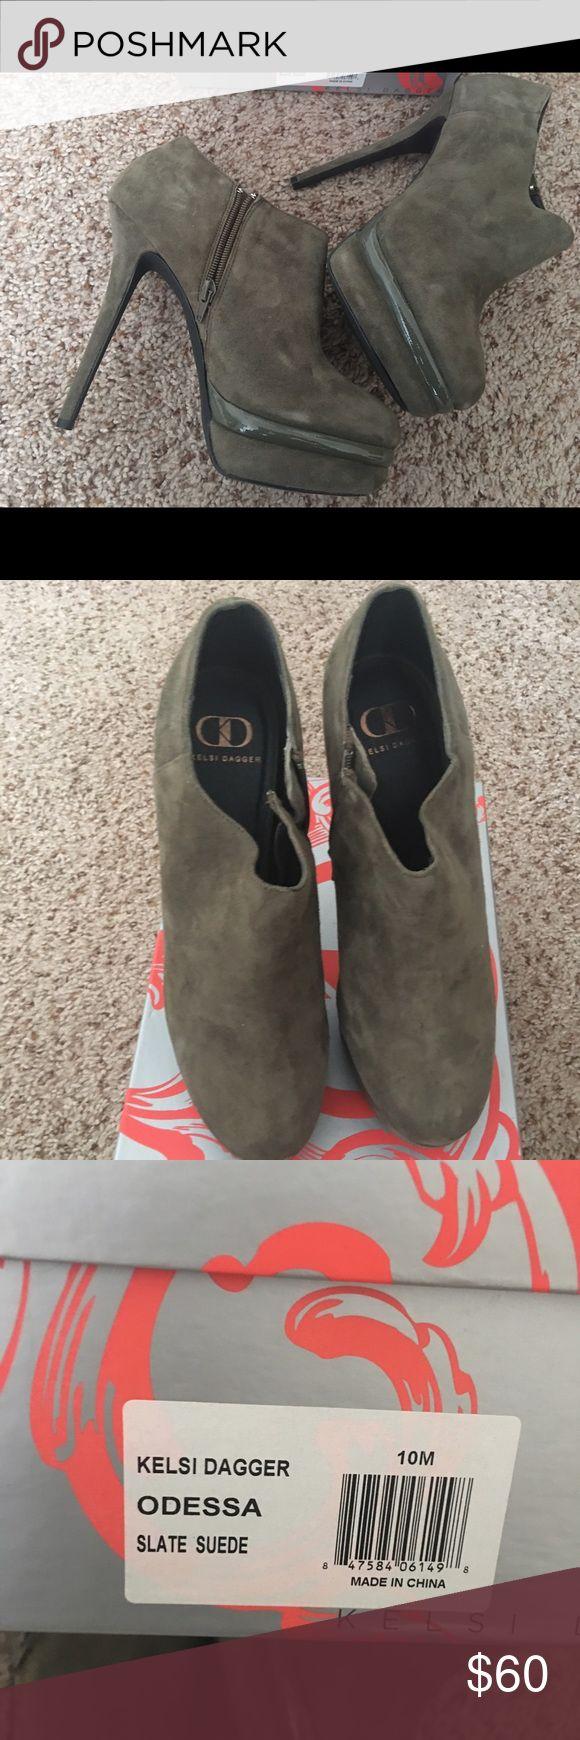 KELSI DAGGER SIZE 10 high heel shoes Platforms Kelsi Dagger Shoes Platforms